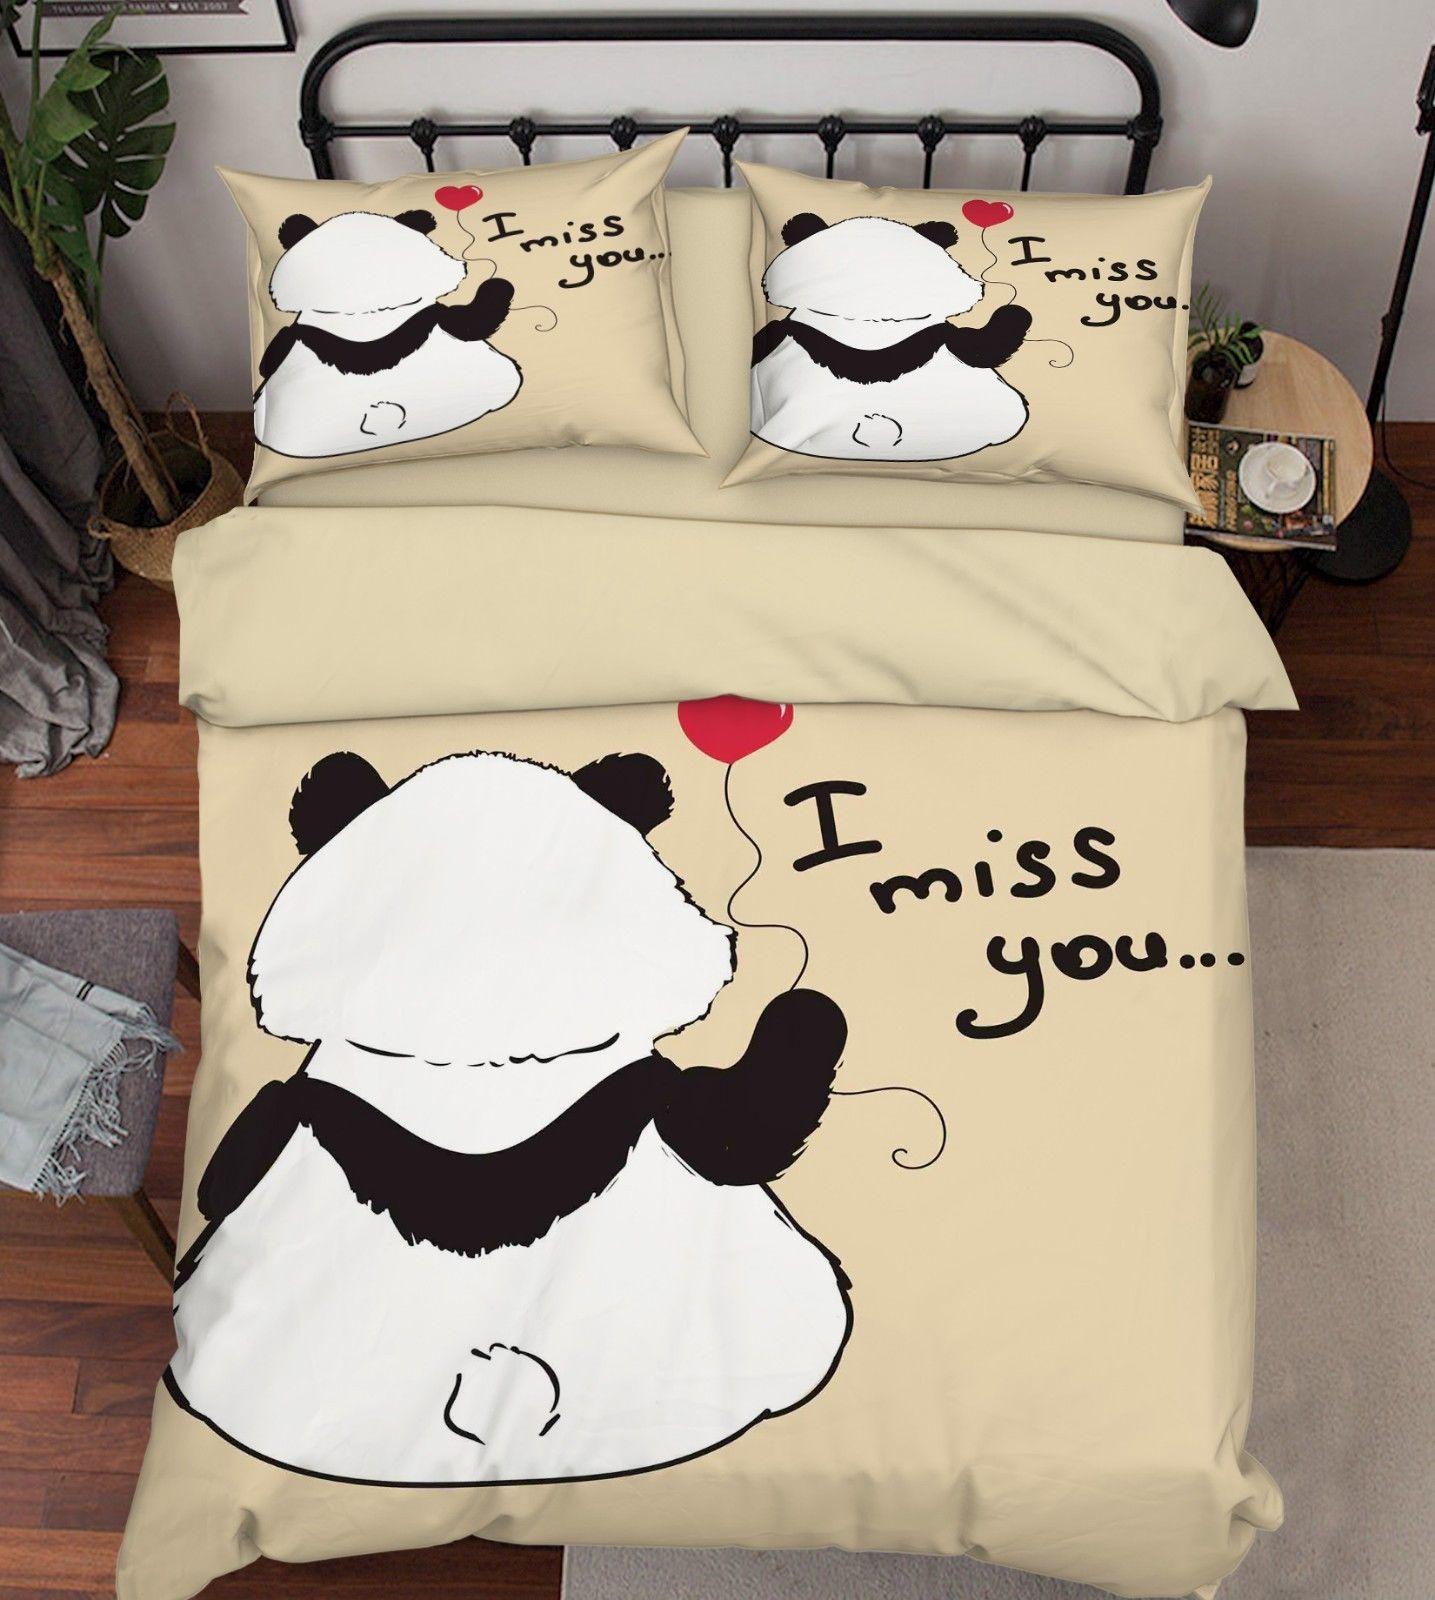 3D Panda Cartoon 26 Bed Pillowcases Quilt Duvet Single Queen King US Lemon - $102.84 - $158.94